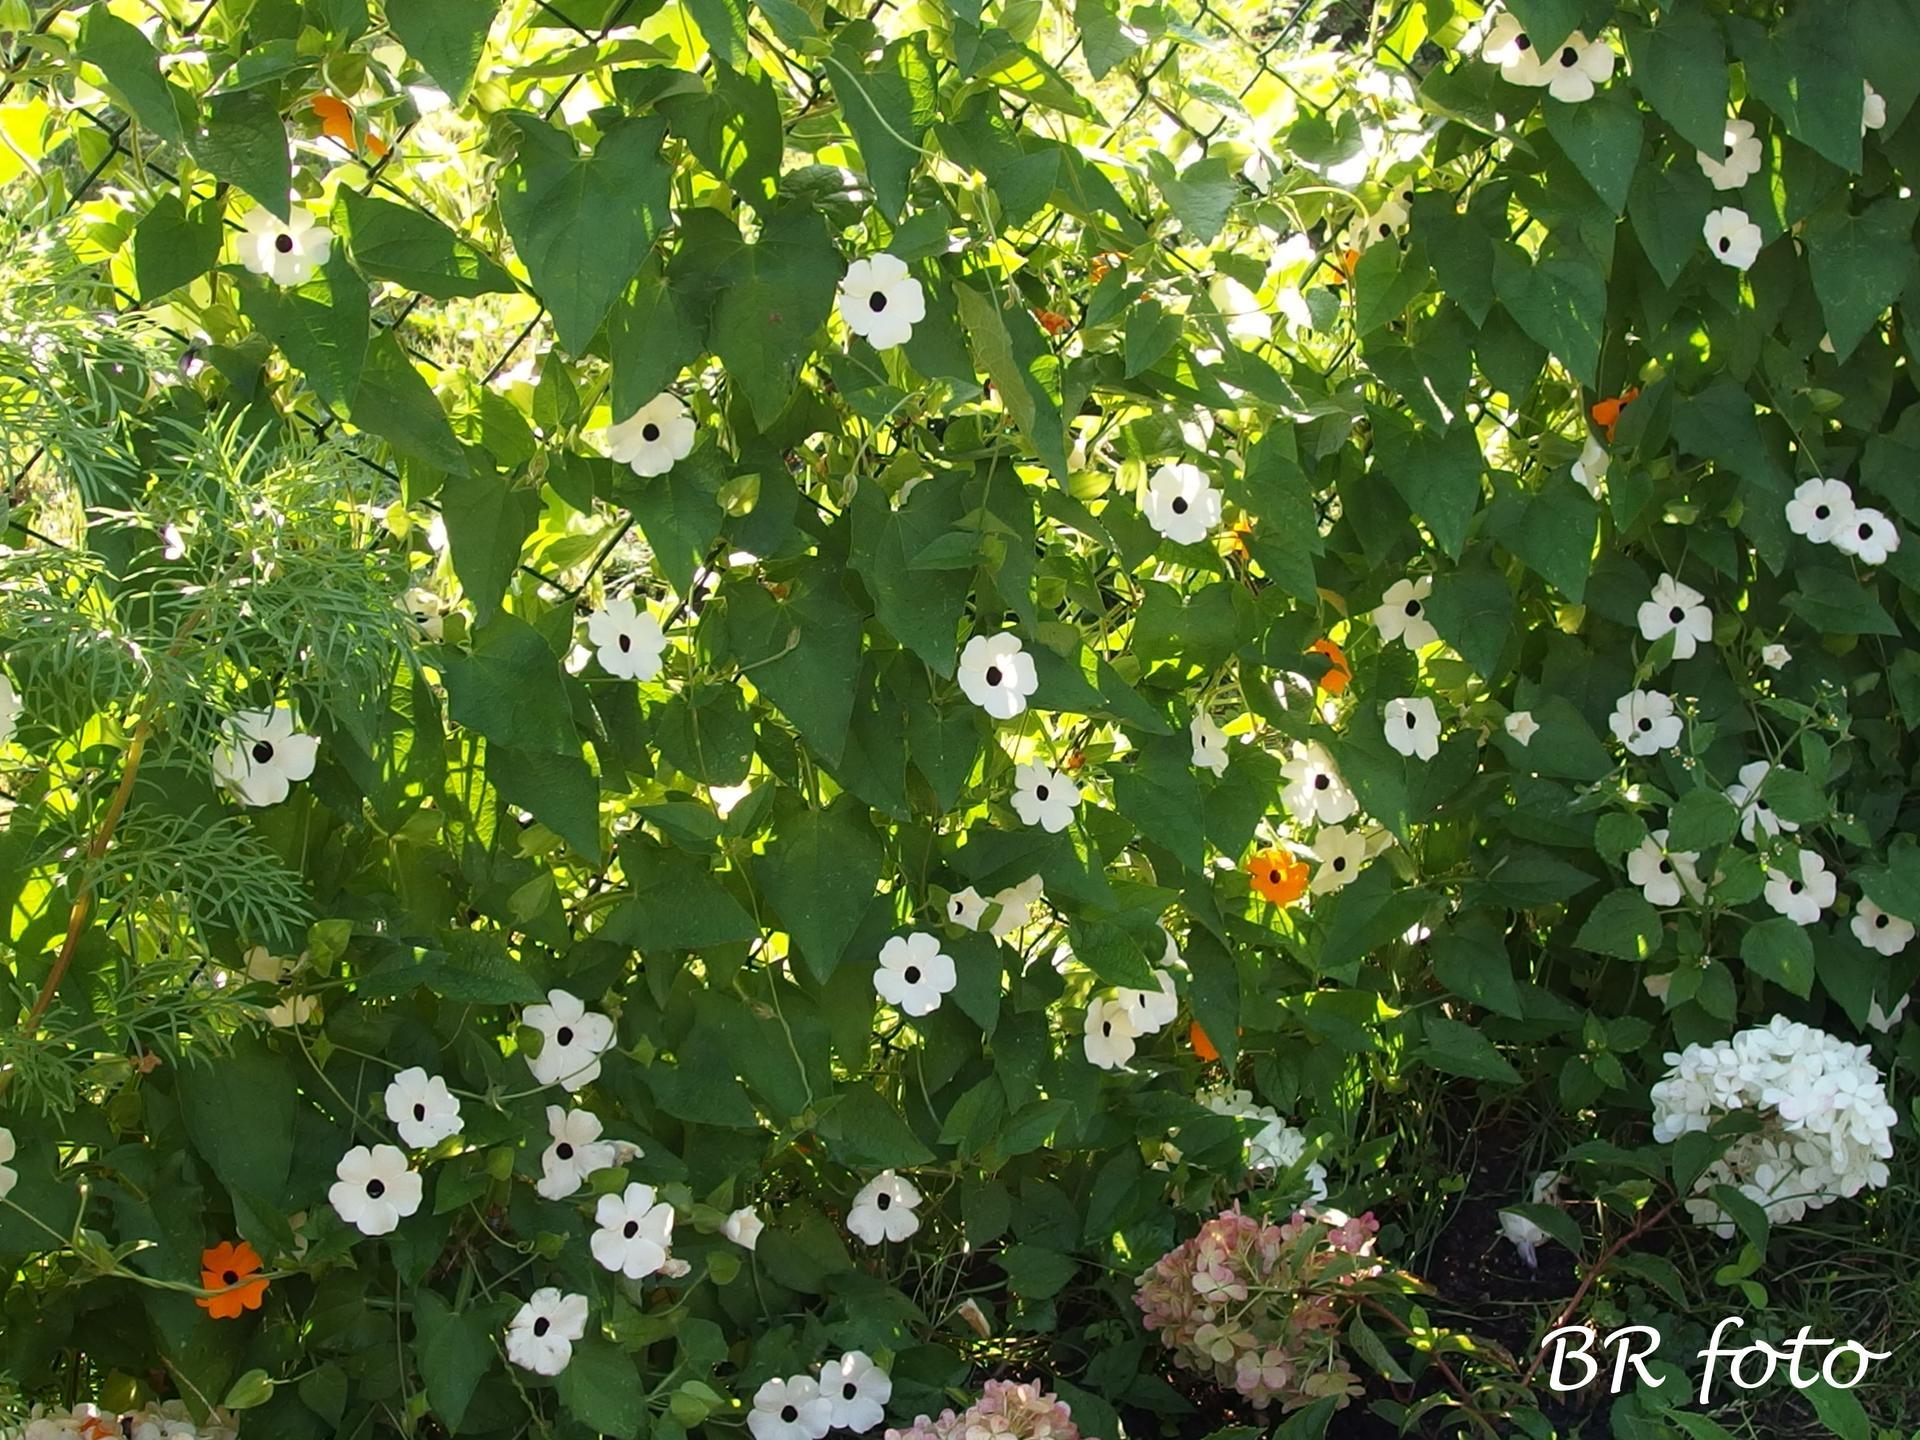 Zahrada v létě - thunbergia alata - černooká Zuzana